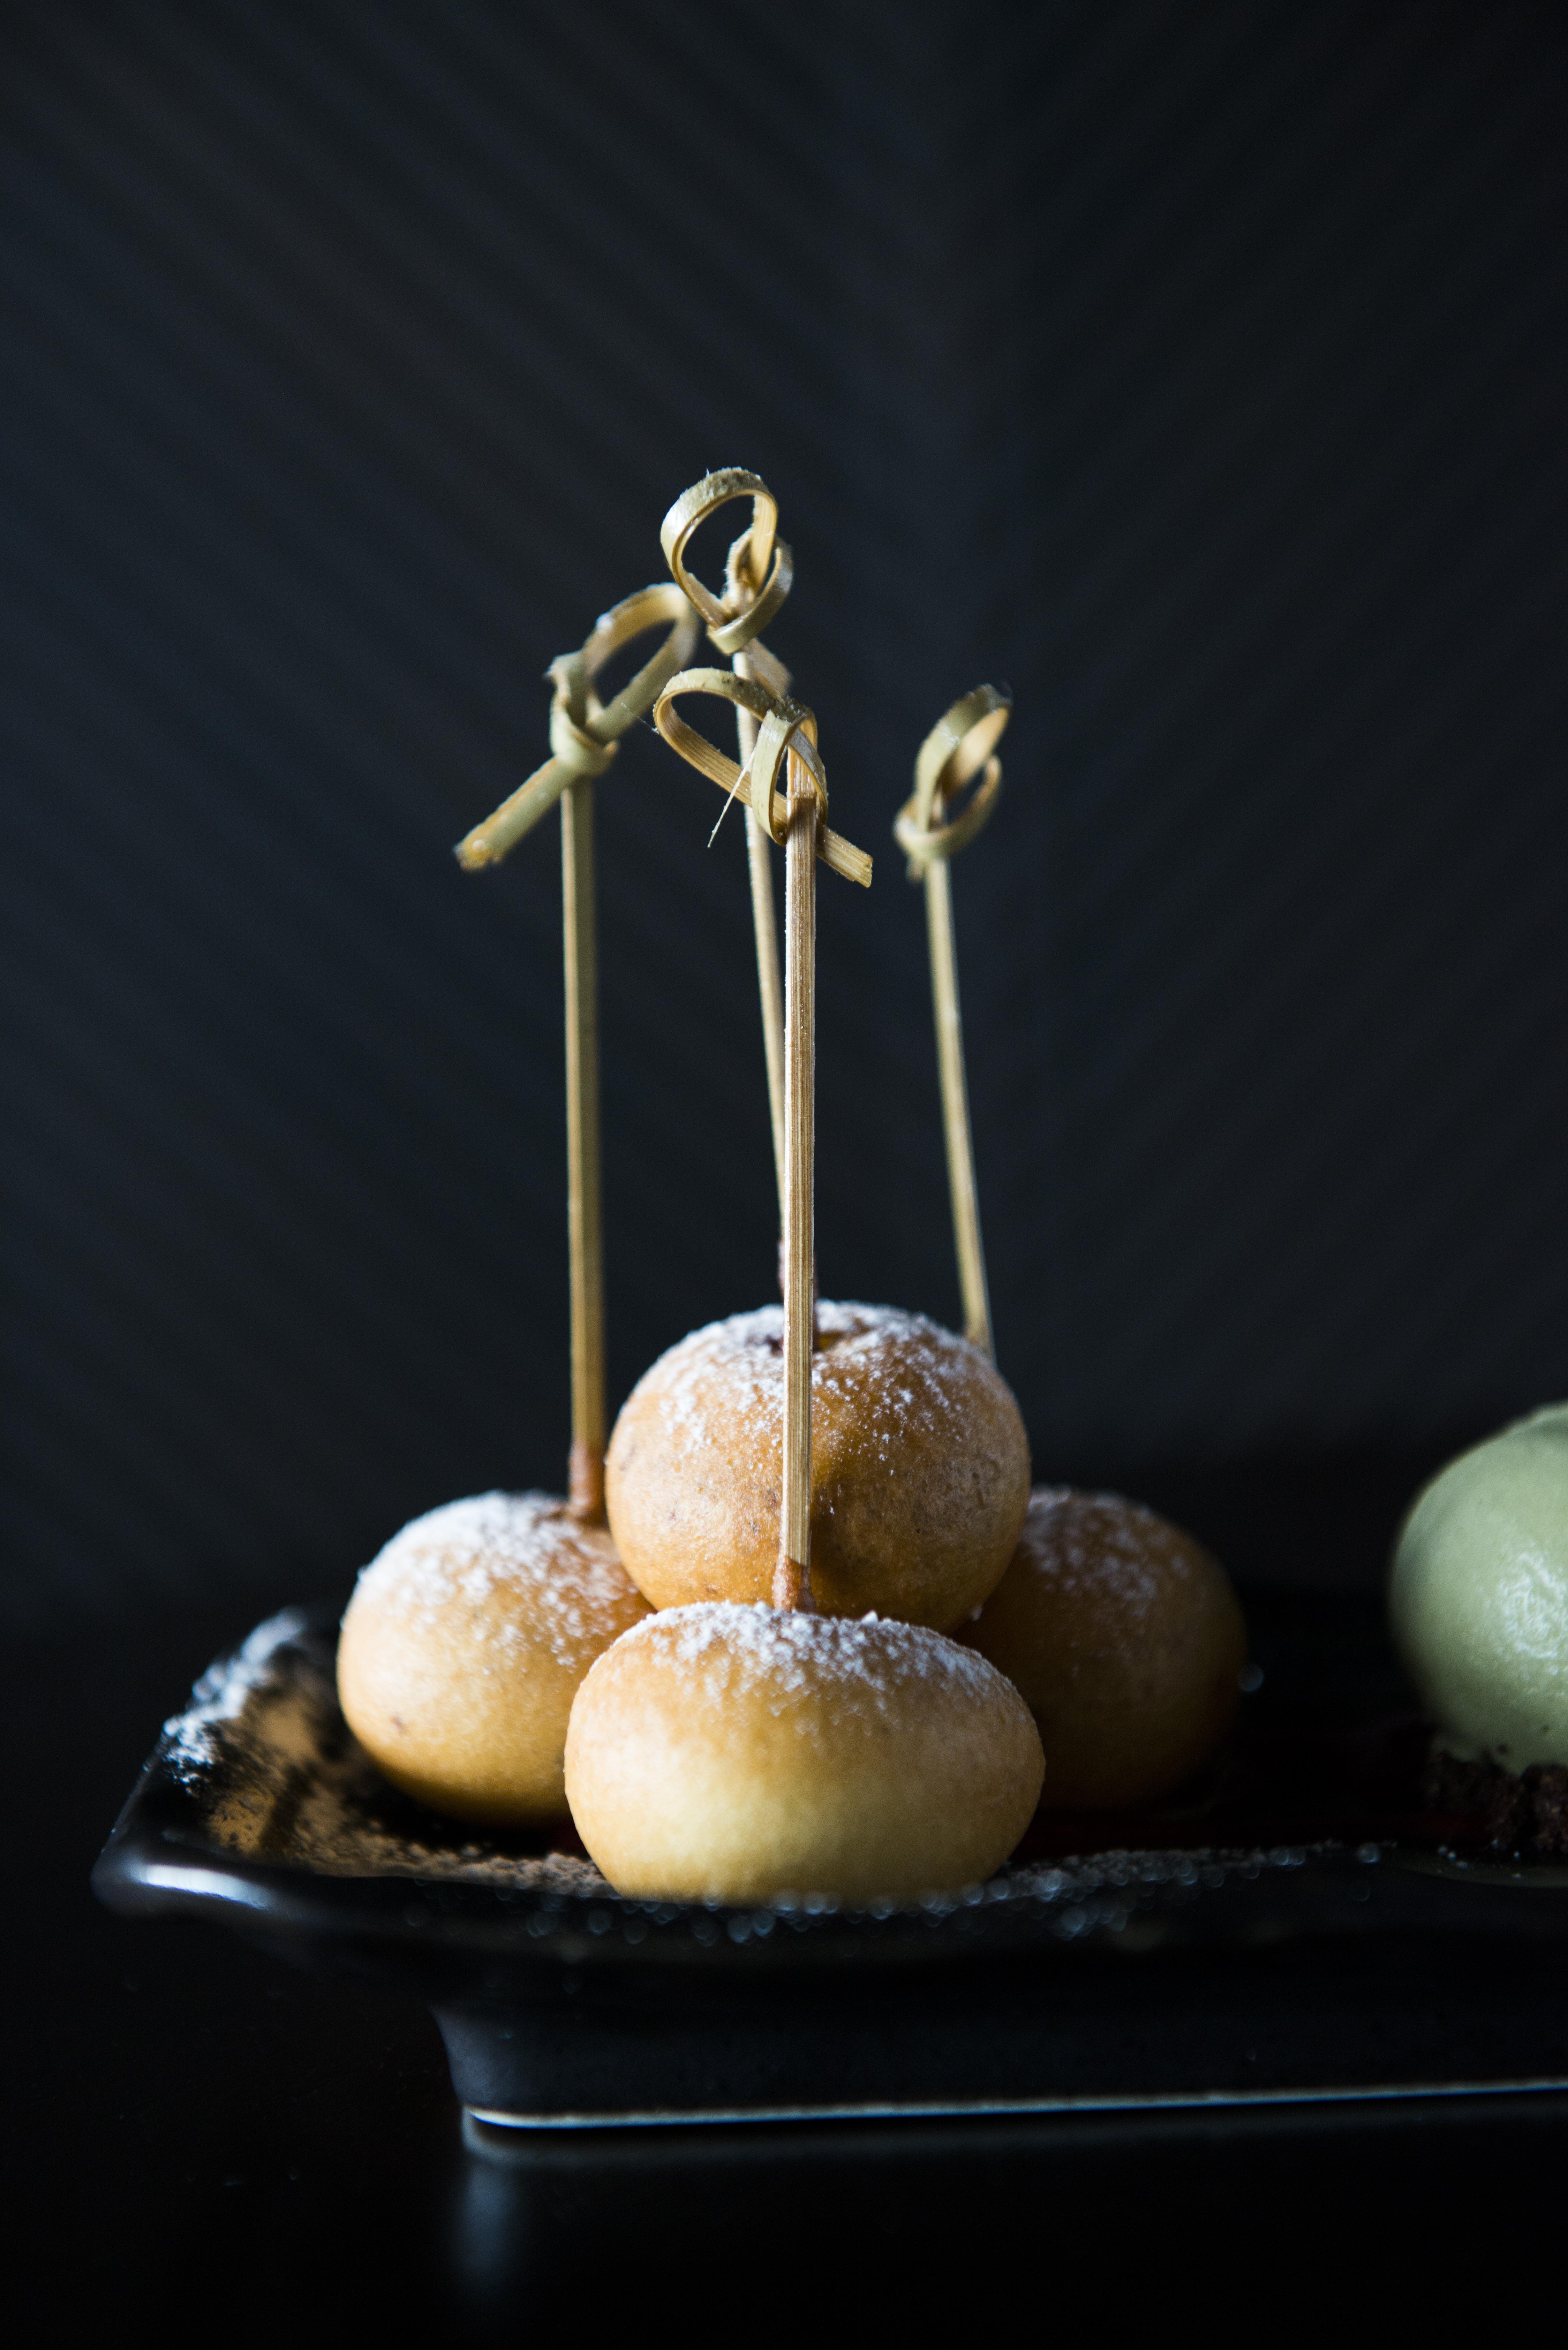 kdt_desserts-0152